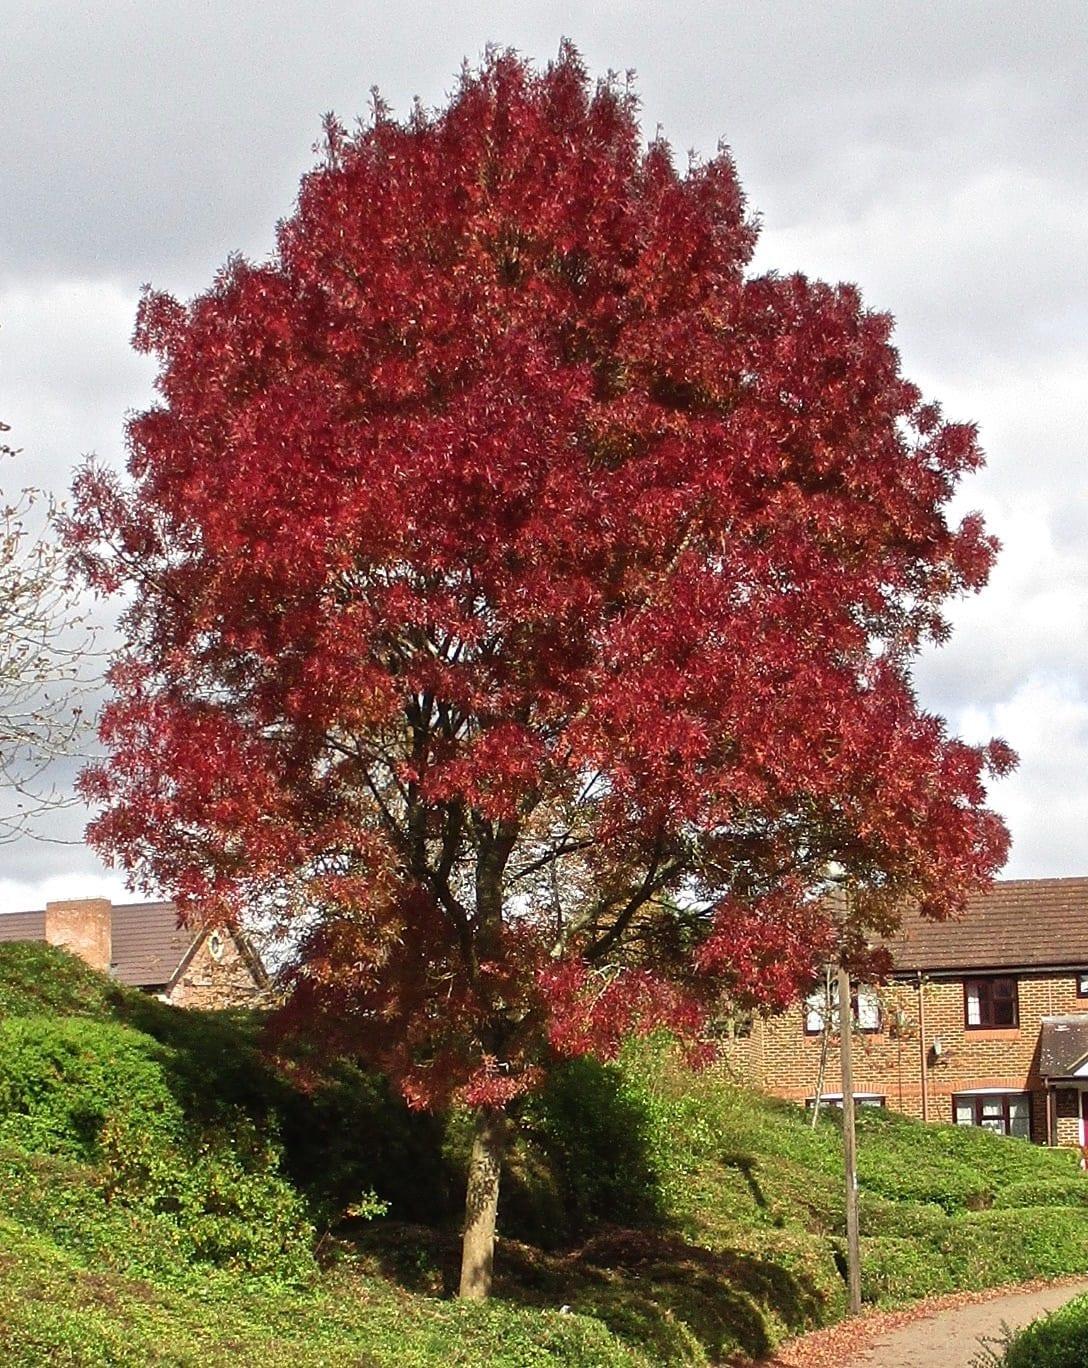 claret ash tree in autumn